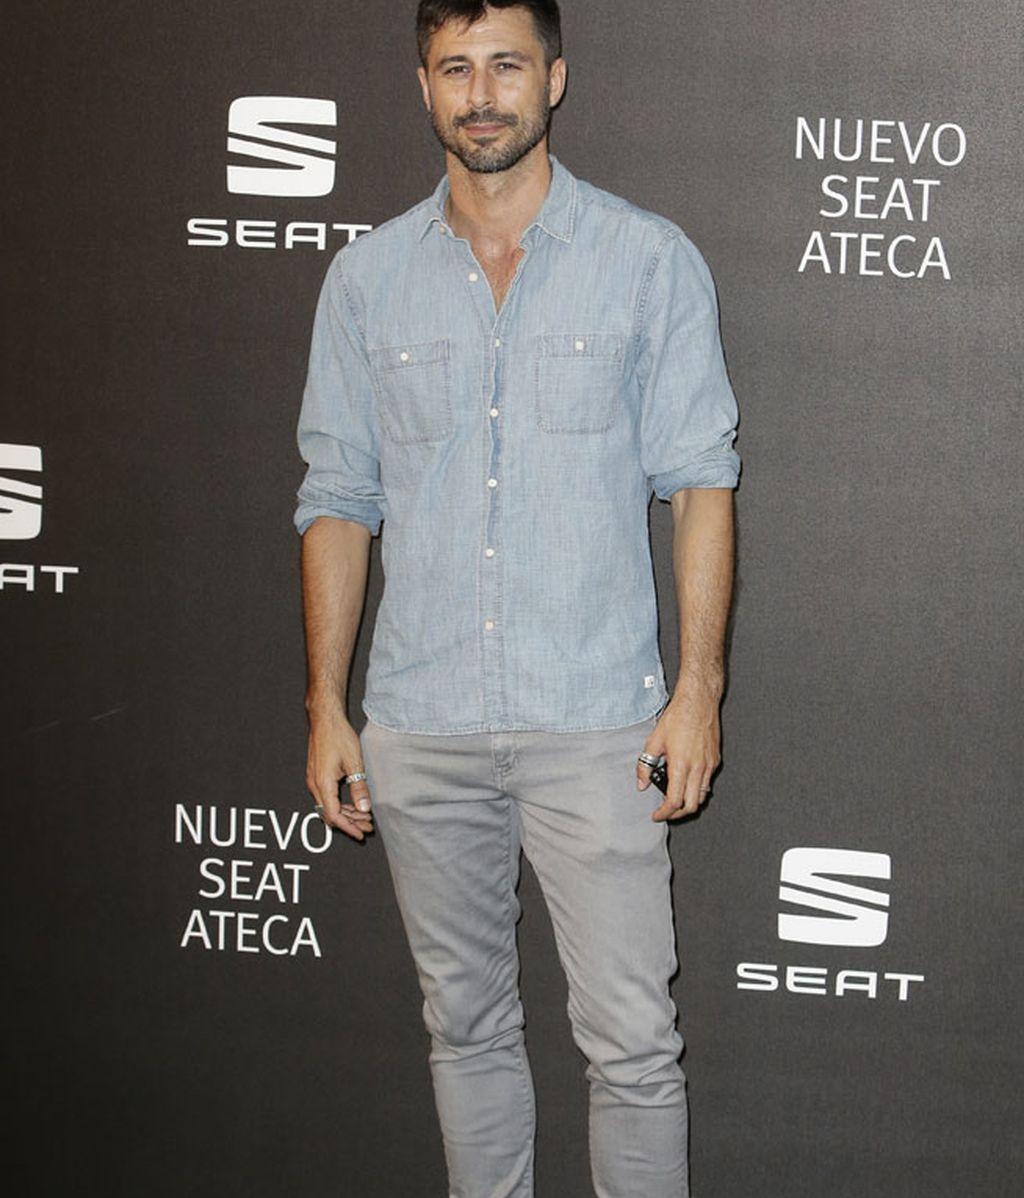 Hugo Silva con camisa vaquera, pantalón claro y anillos